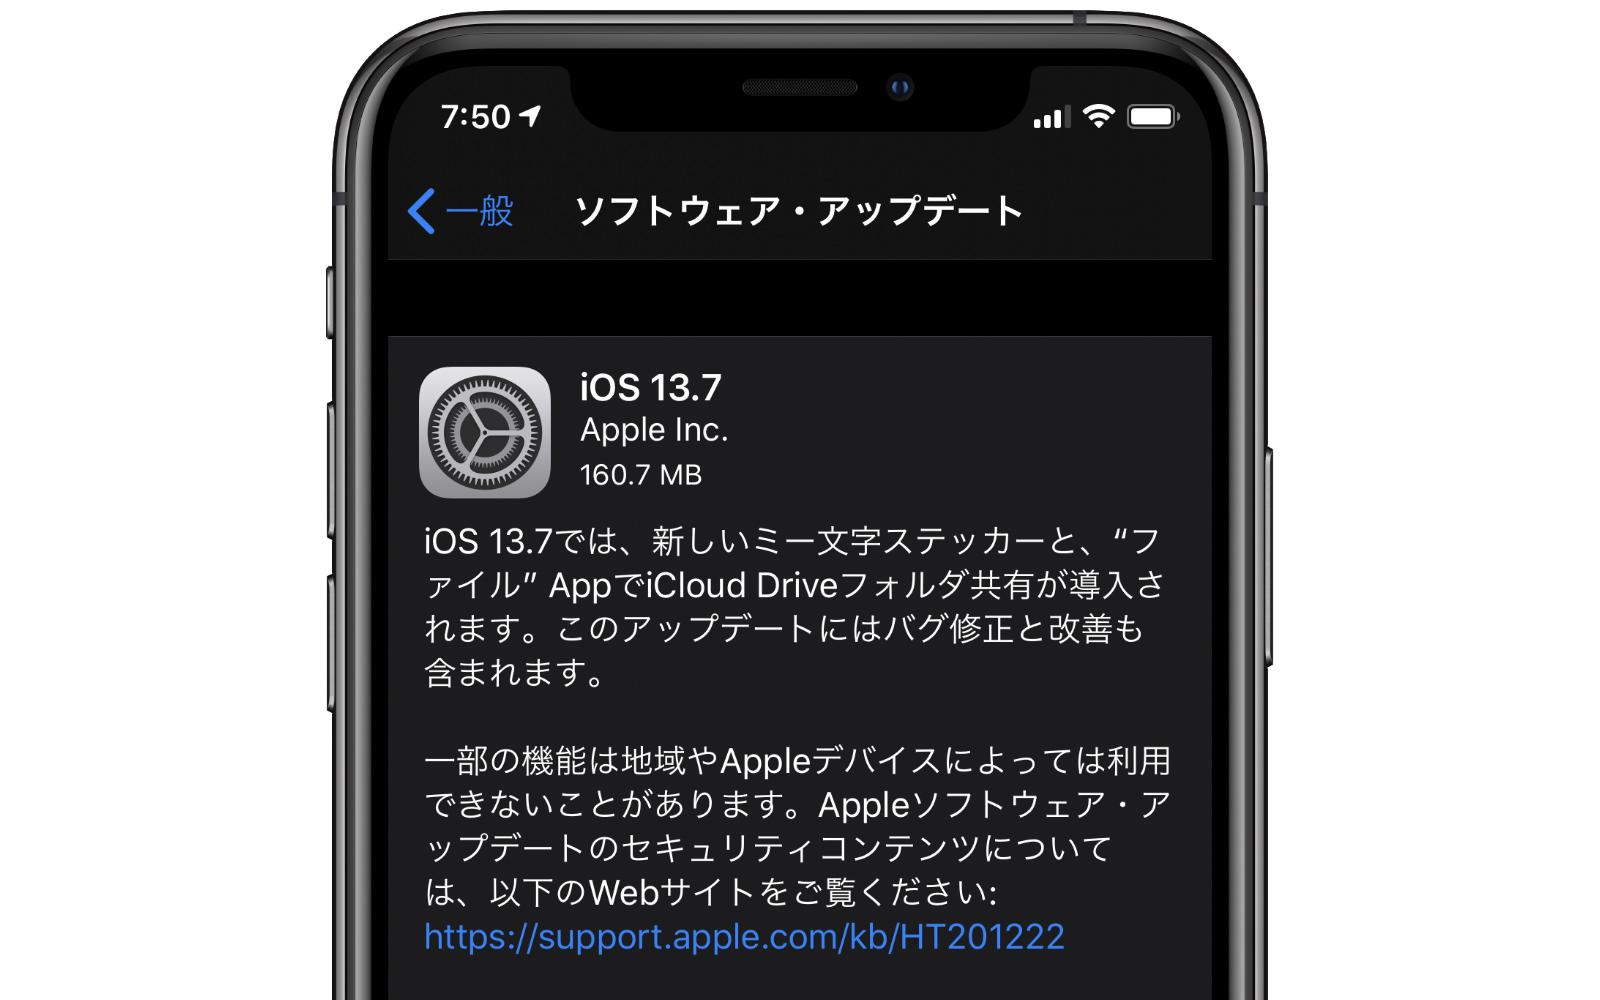 IOS13 7 update